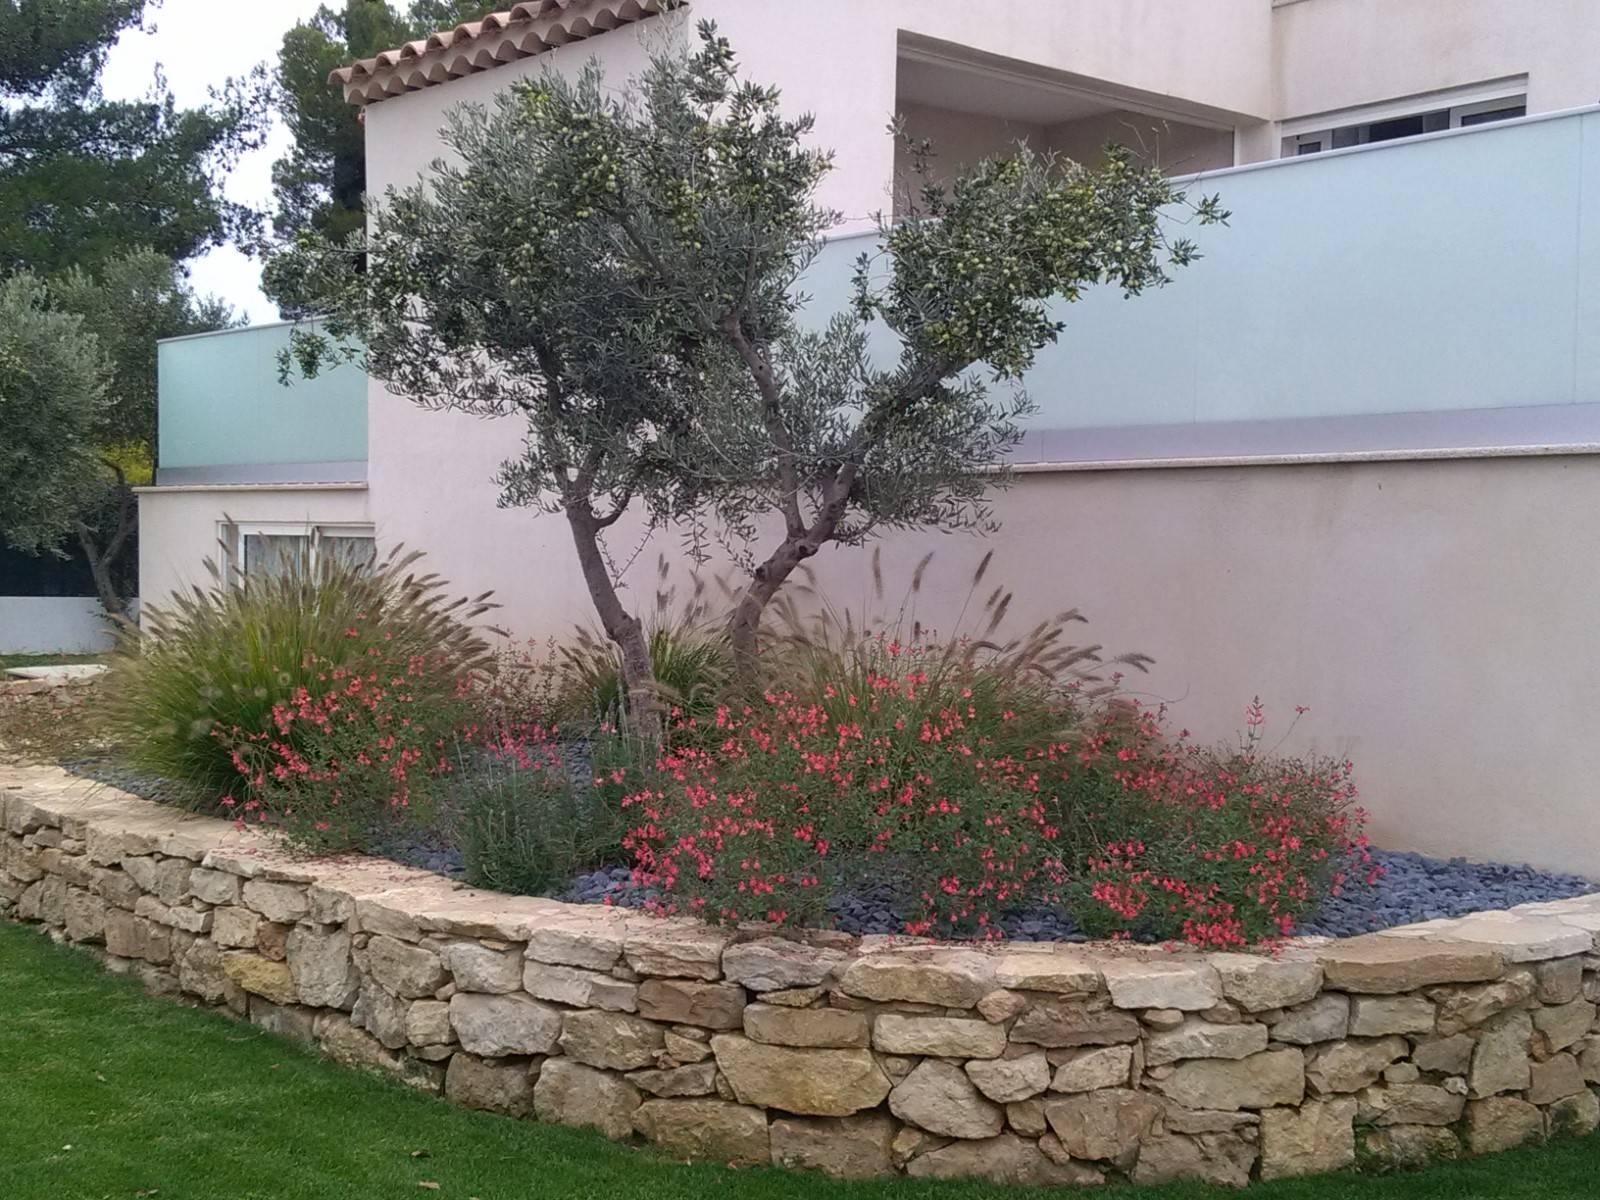 Am nagement d 39 un jardin devant la maison berre l 39 etang for Amenagement d un jardin